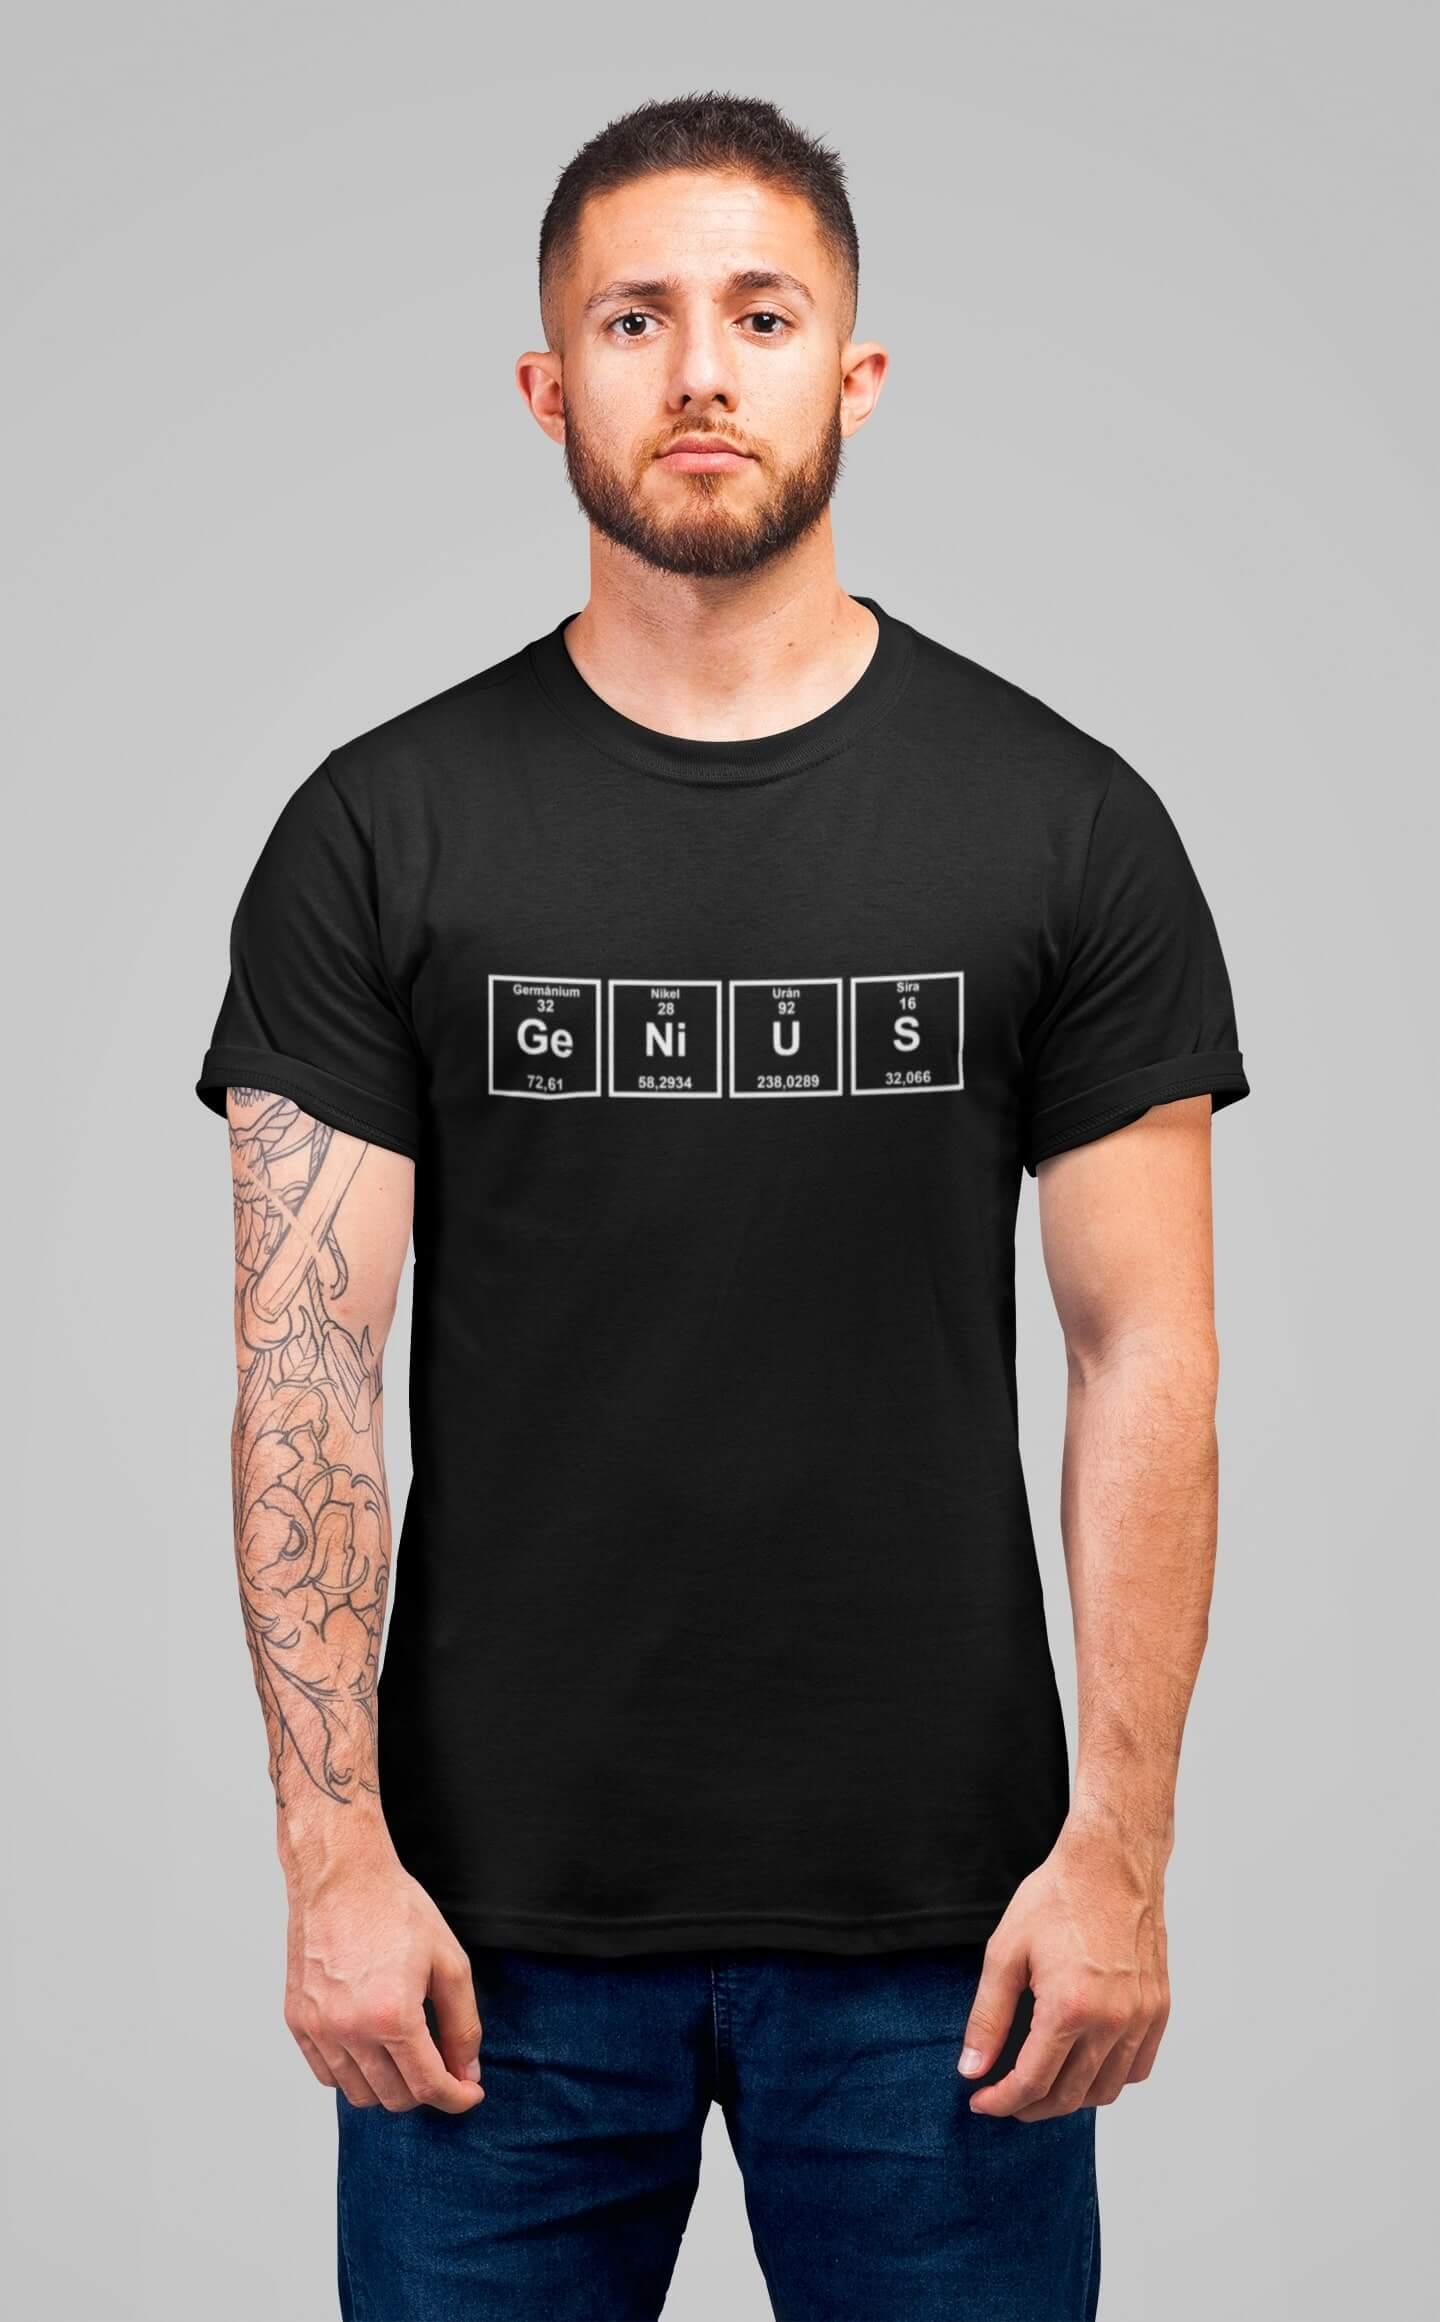 MMO Pánske tričko Genius Vyberte farbu: Čierna, Vyberte veľkosť: XS